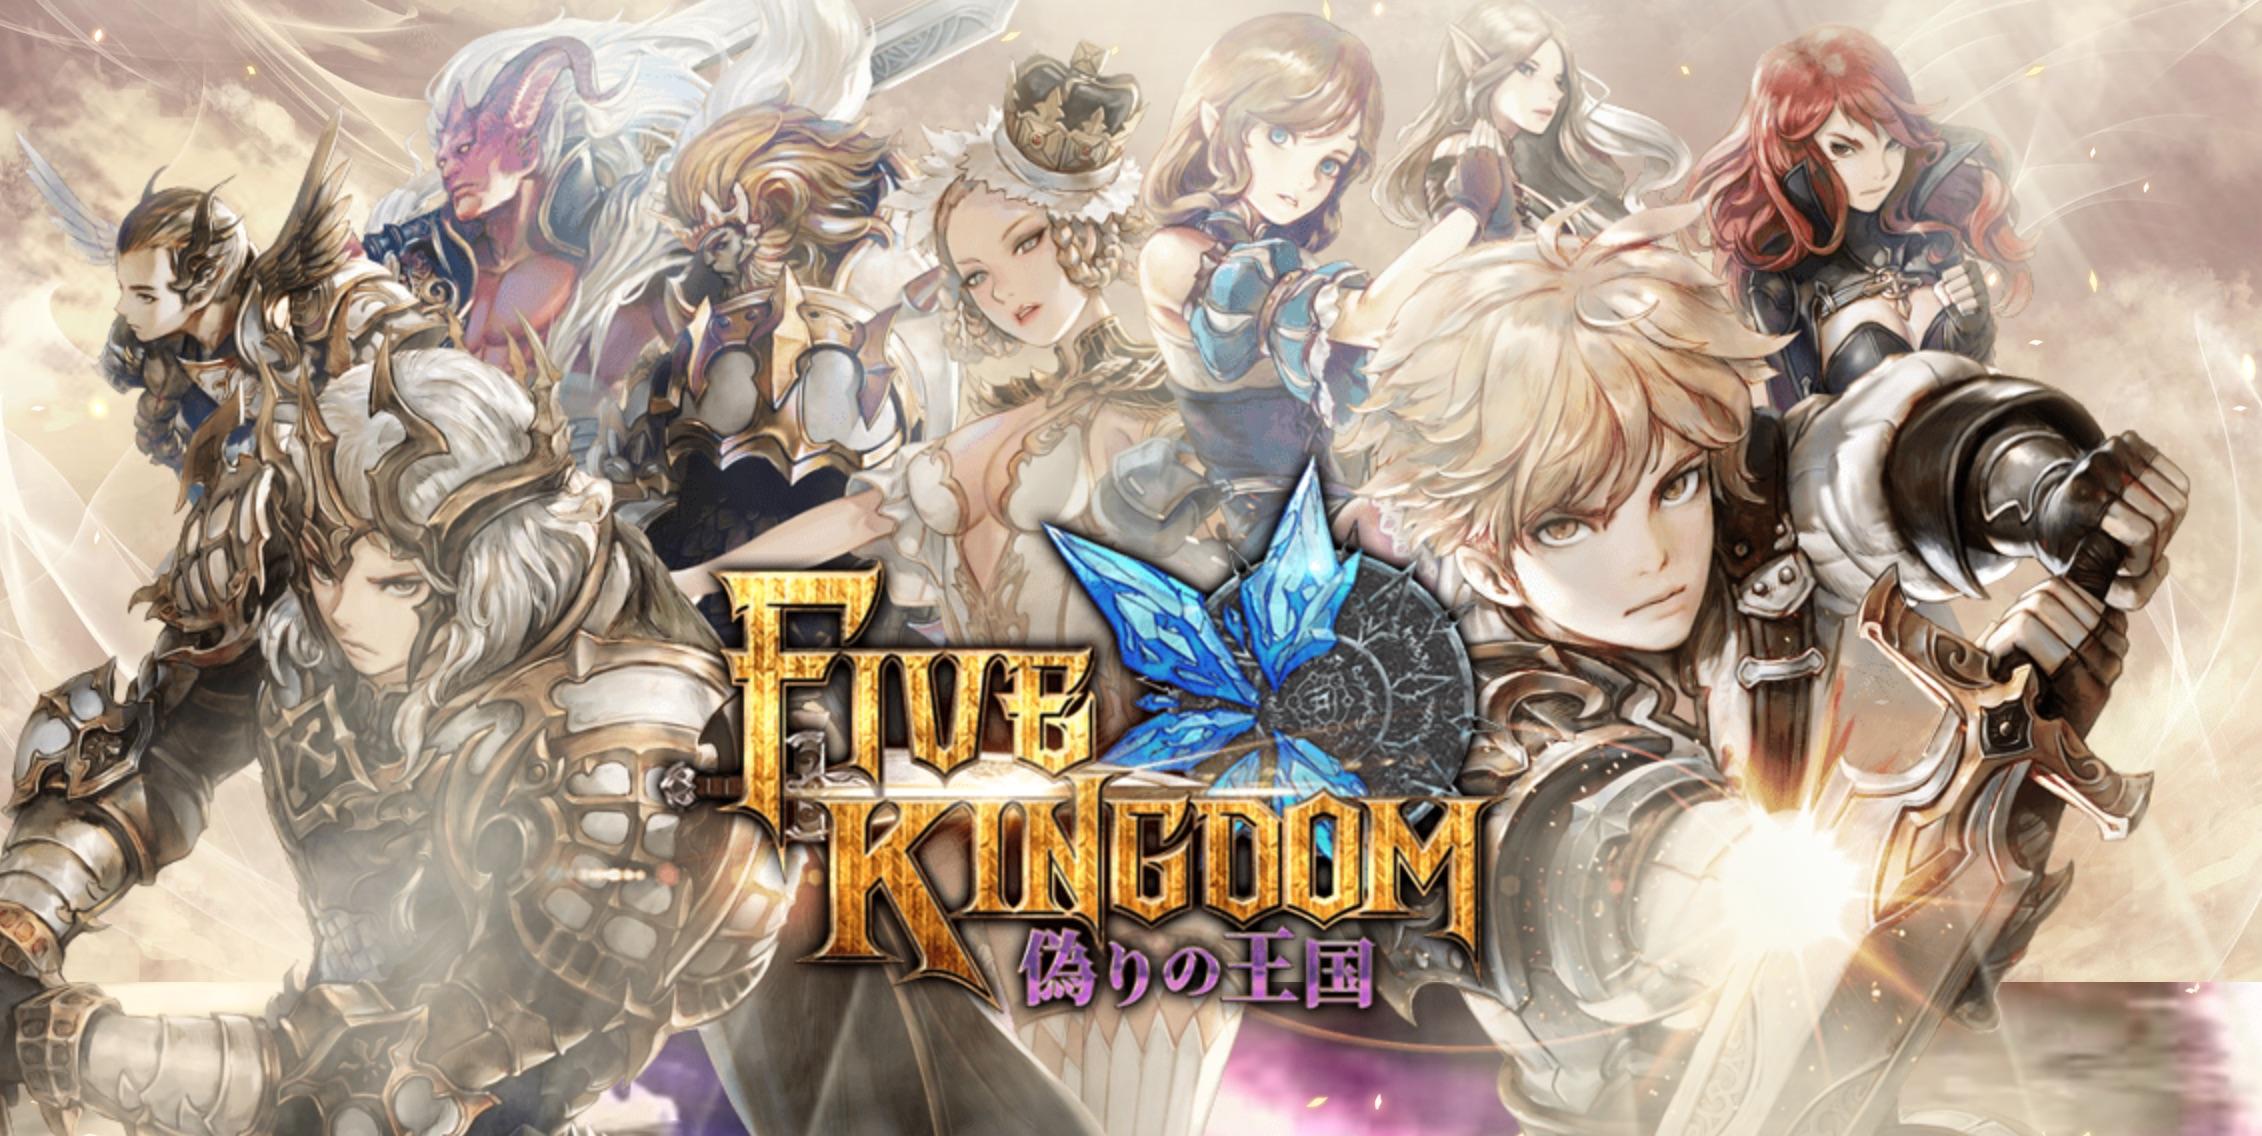 王国5系列日服版《王国5 虚假之国》于今日正式配信